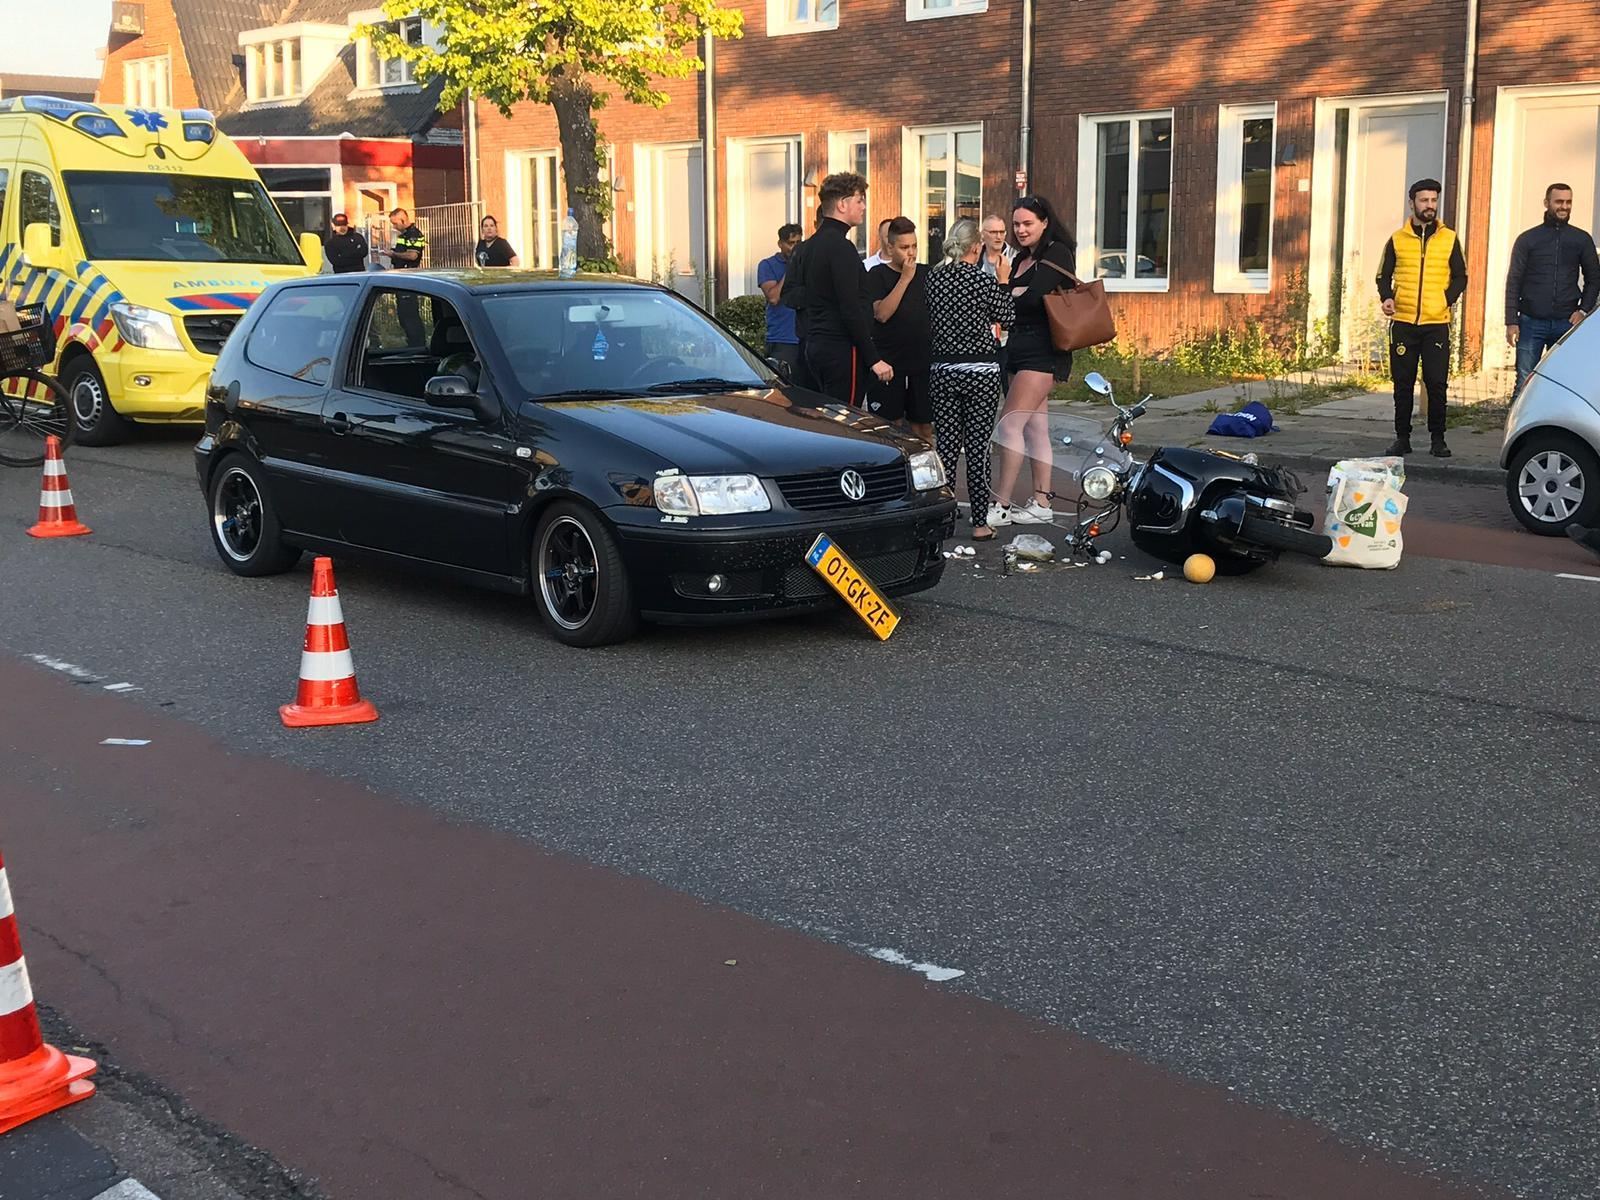 Scooterrijder blijft ongedeerd na Aanrijding met Auto